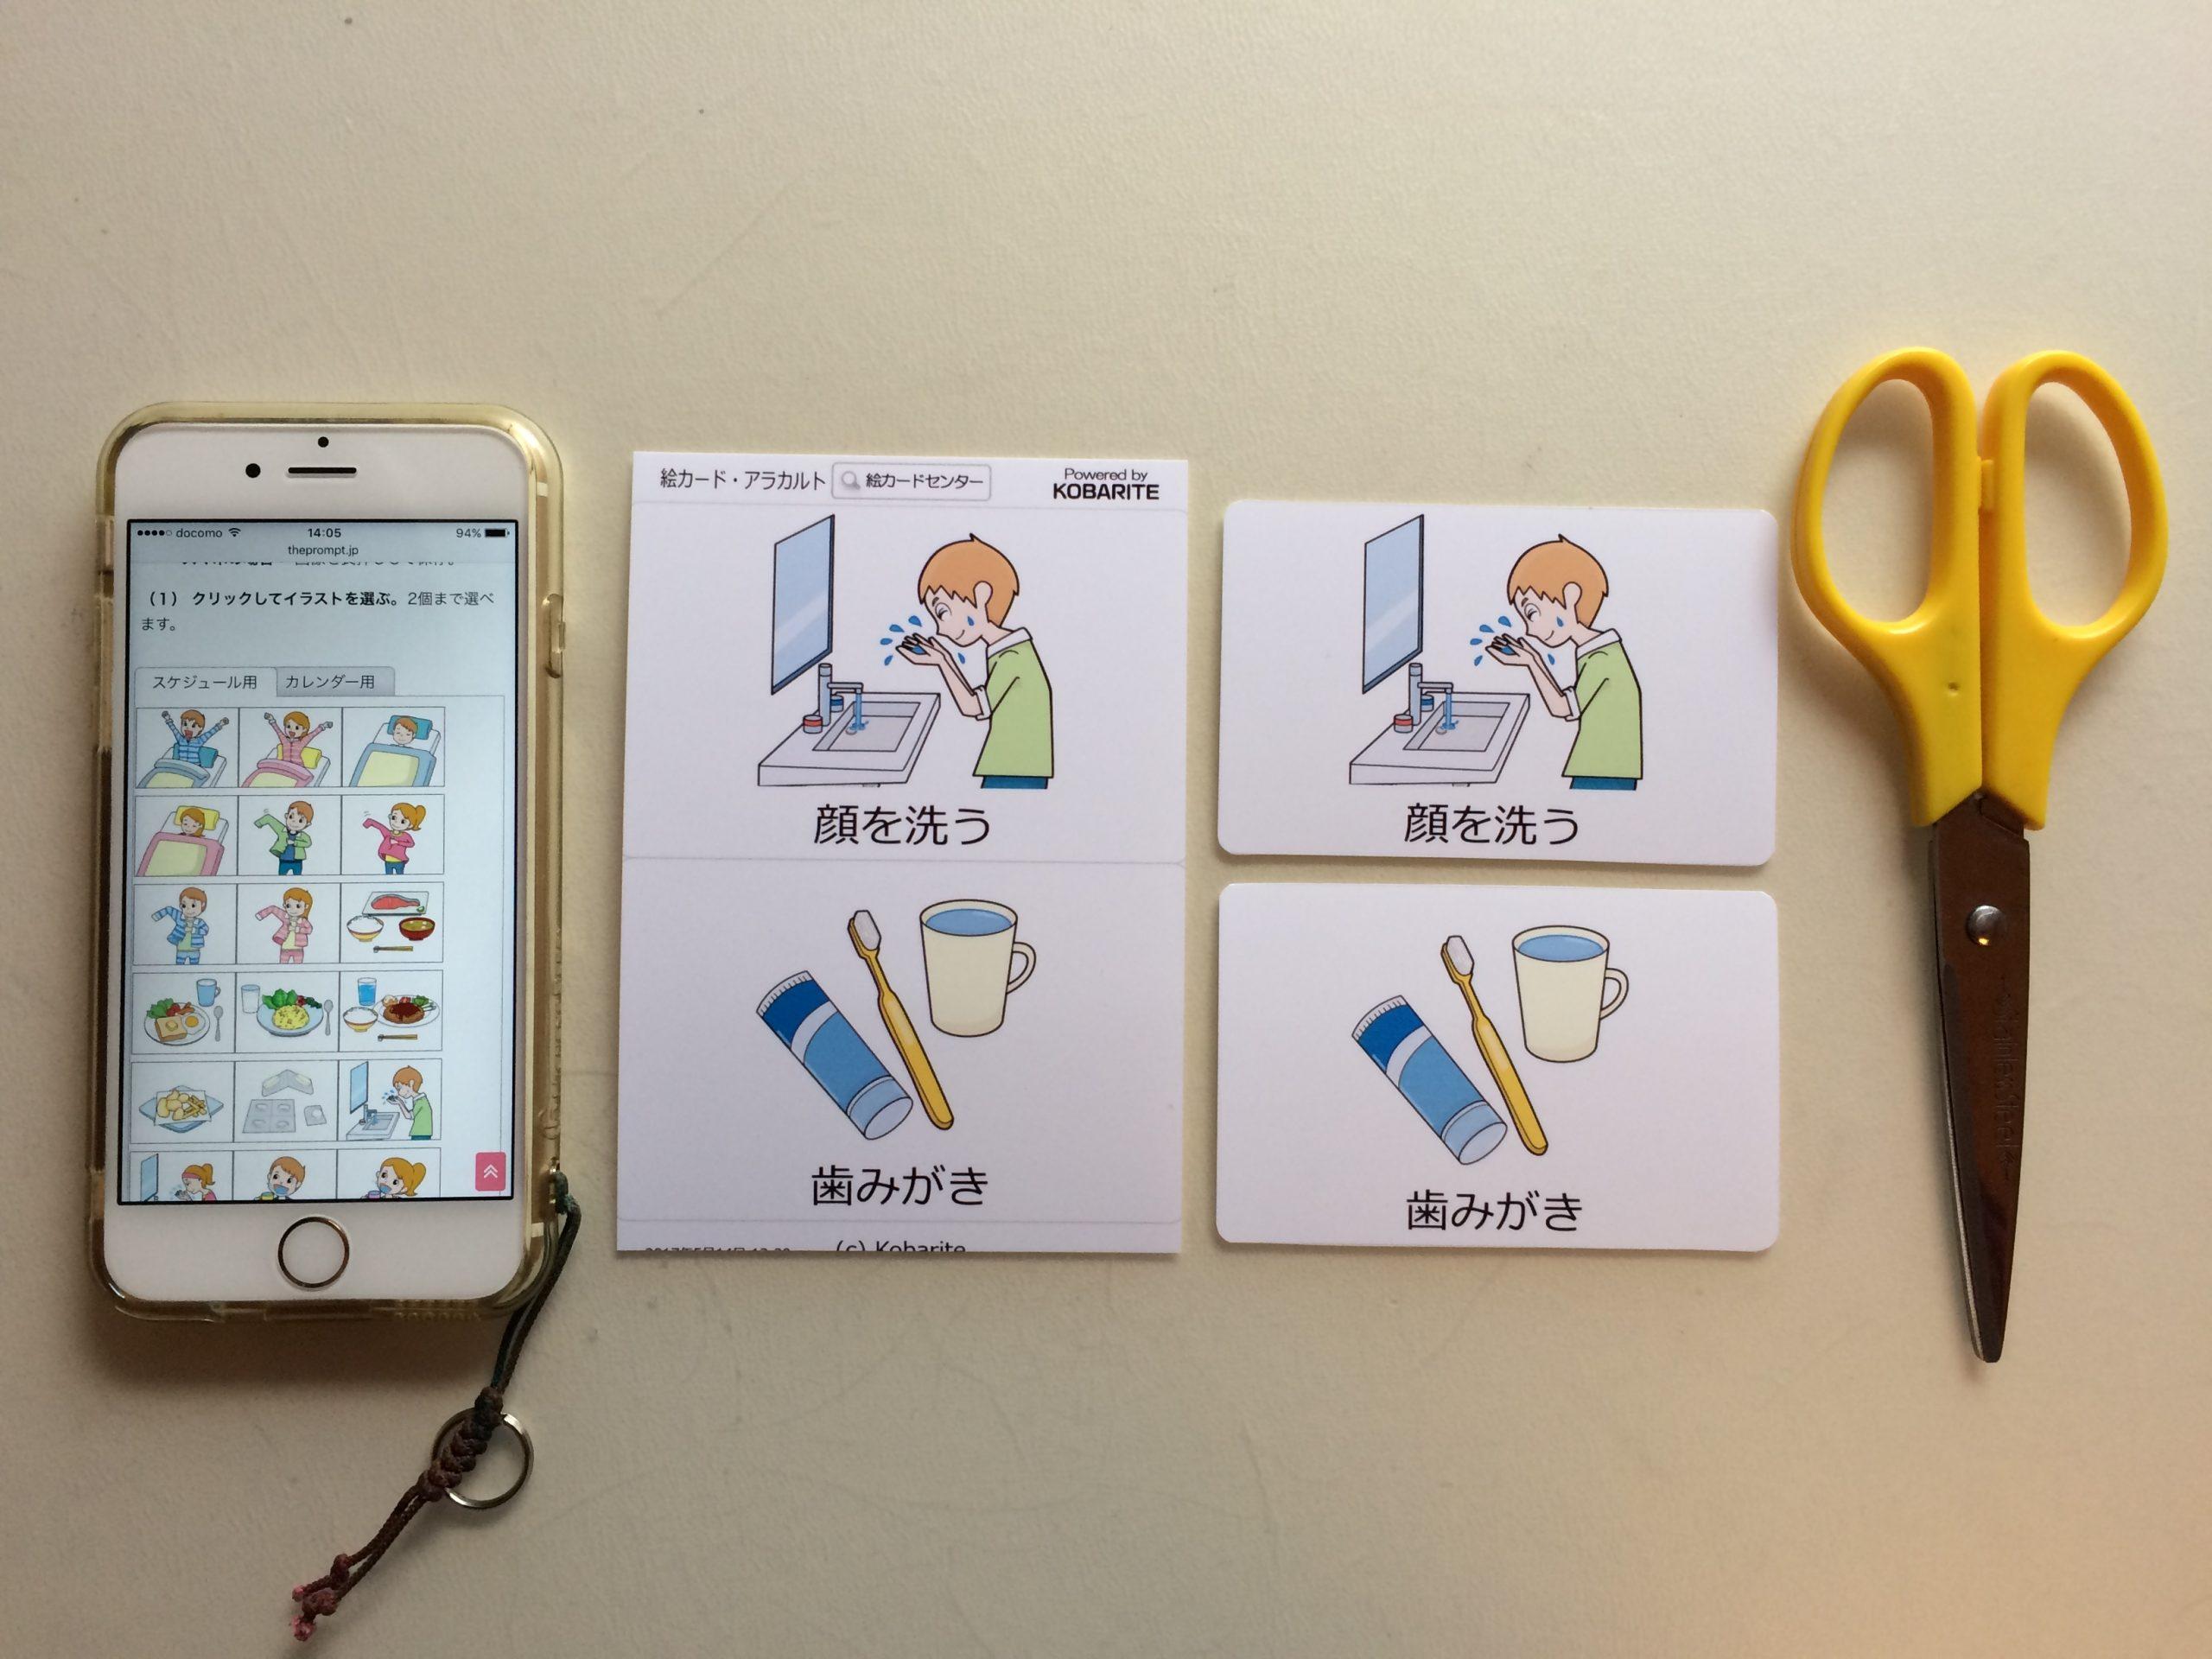 コバリテイラストからIDサイズ絵カードを作る